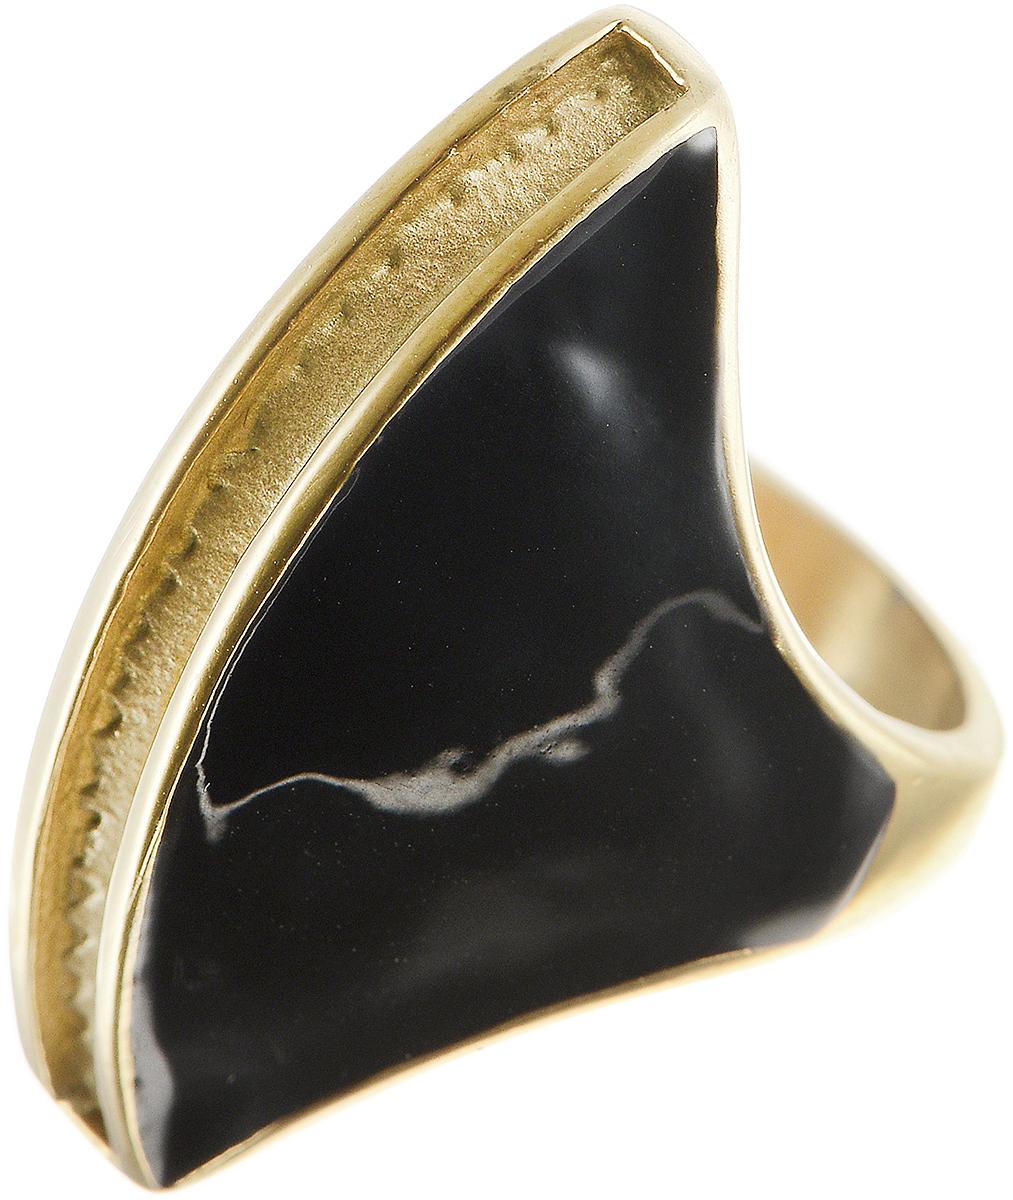 Кольцо Polina Selezneva, цвет: золотистый, черный. DG-0025. Размер 19DG-0025-09Стильное кольцо Polina Selezneva изготовлено из латуни и выполнено в оригинальном дизайне. Декоративная часть оформлена вставкой из эмали.